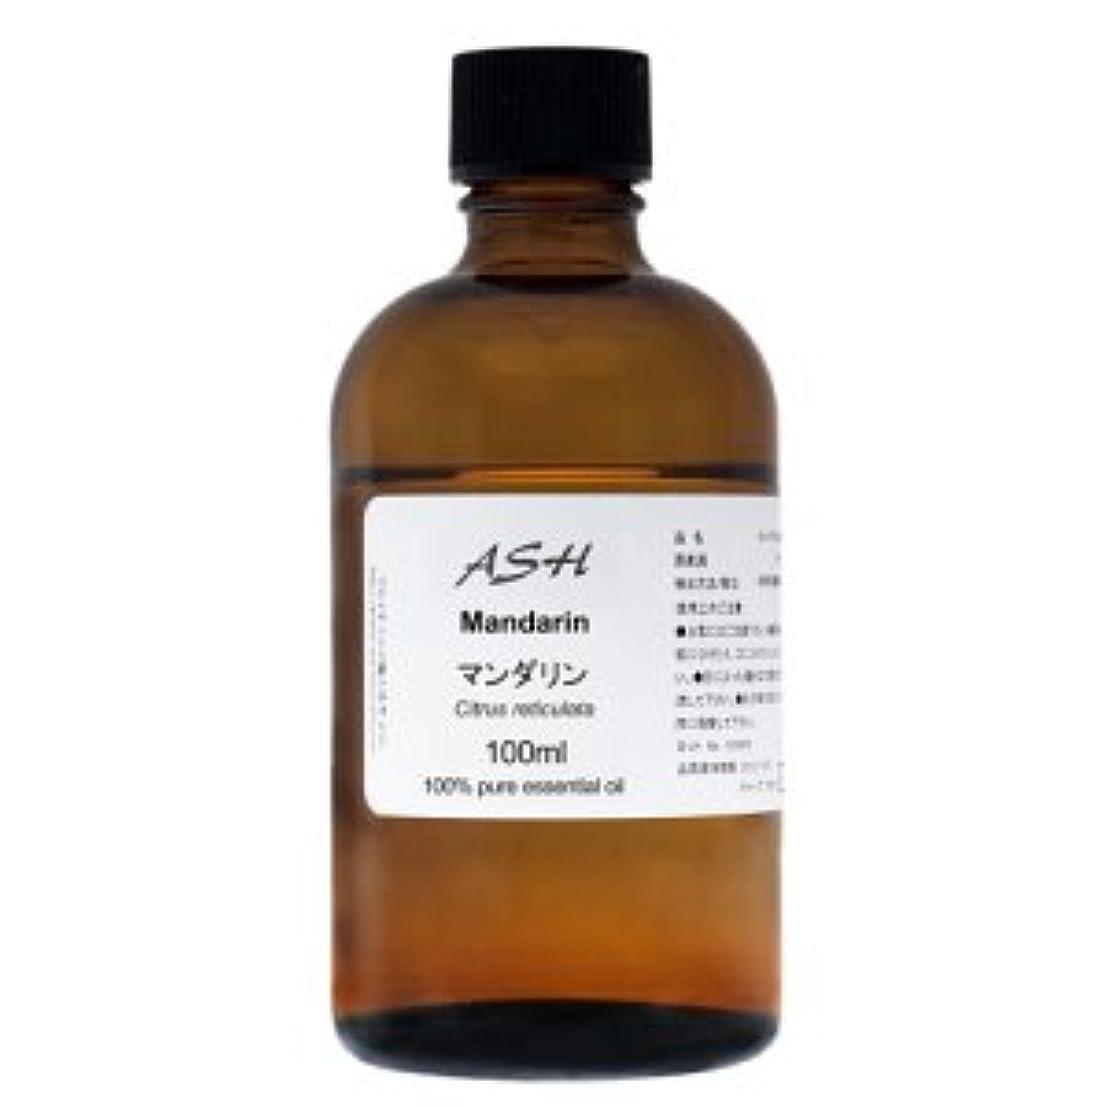 濃度深い空虚ASH マンダリン エッセンシャルオイル 100ml AEAJ表示基準適合認定精油